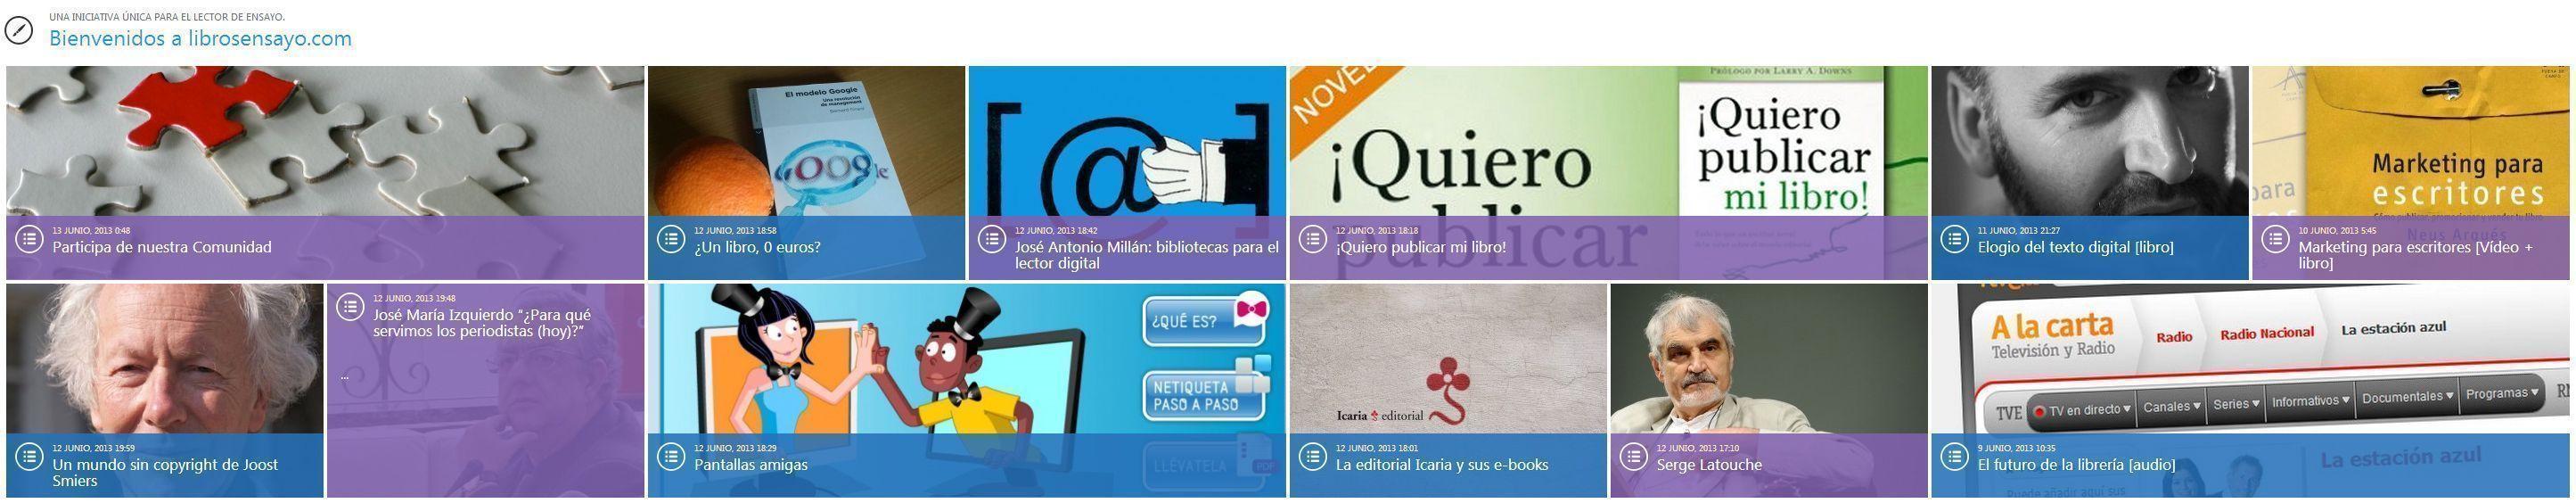 Captura de pantalla de la página web de Libros de ensayo